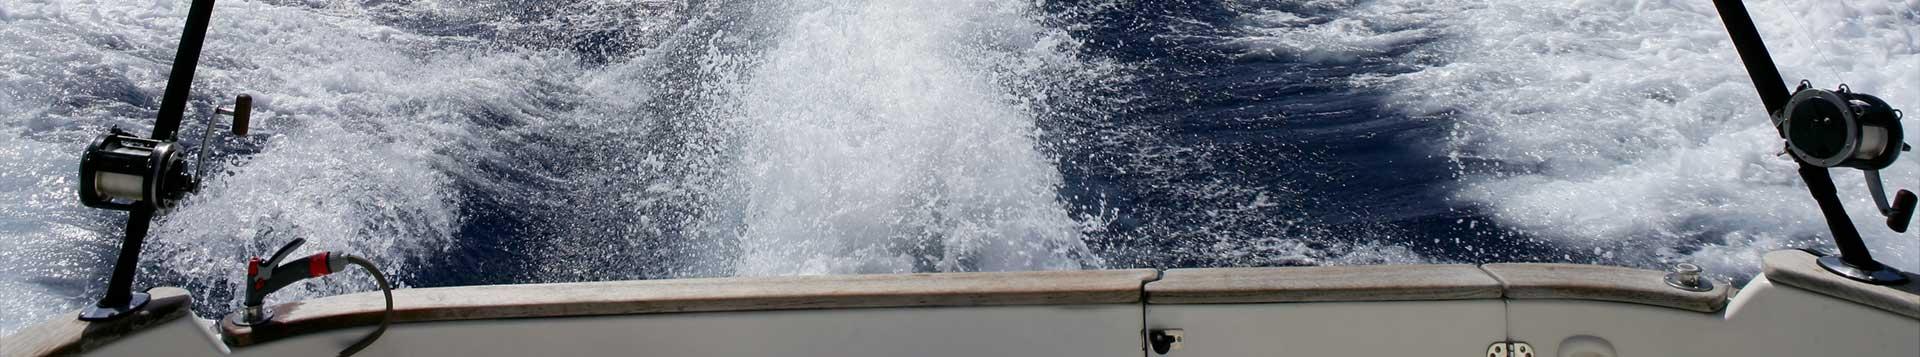 Daiwa Overhead Fishing Reels